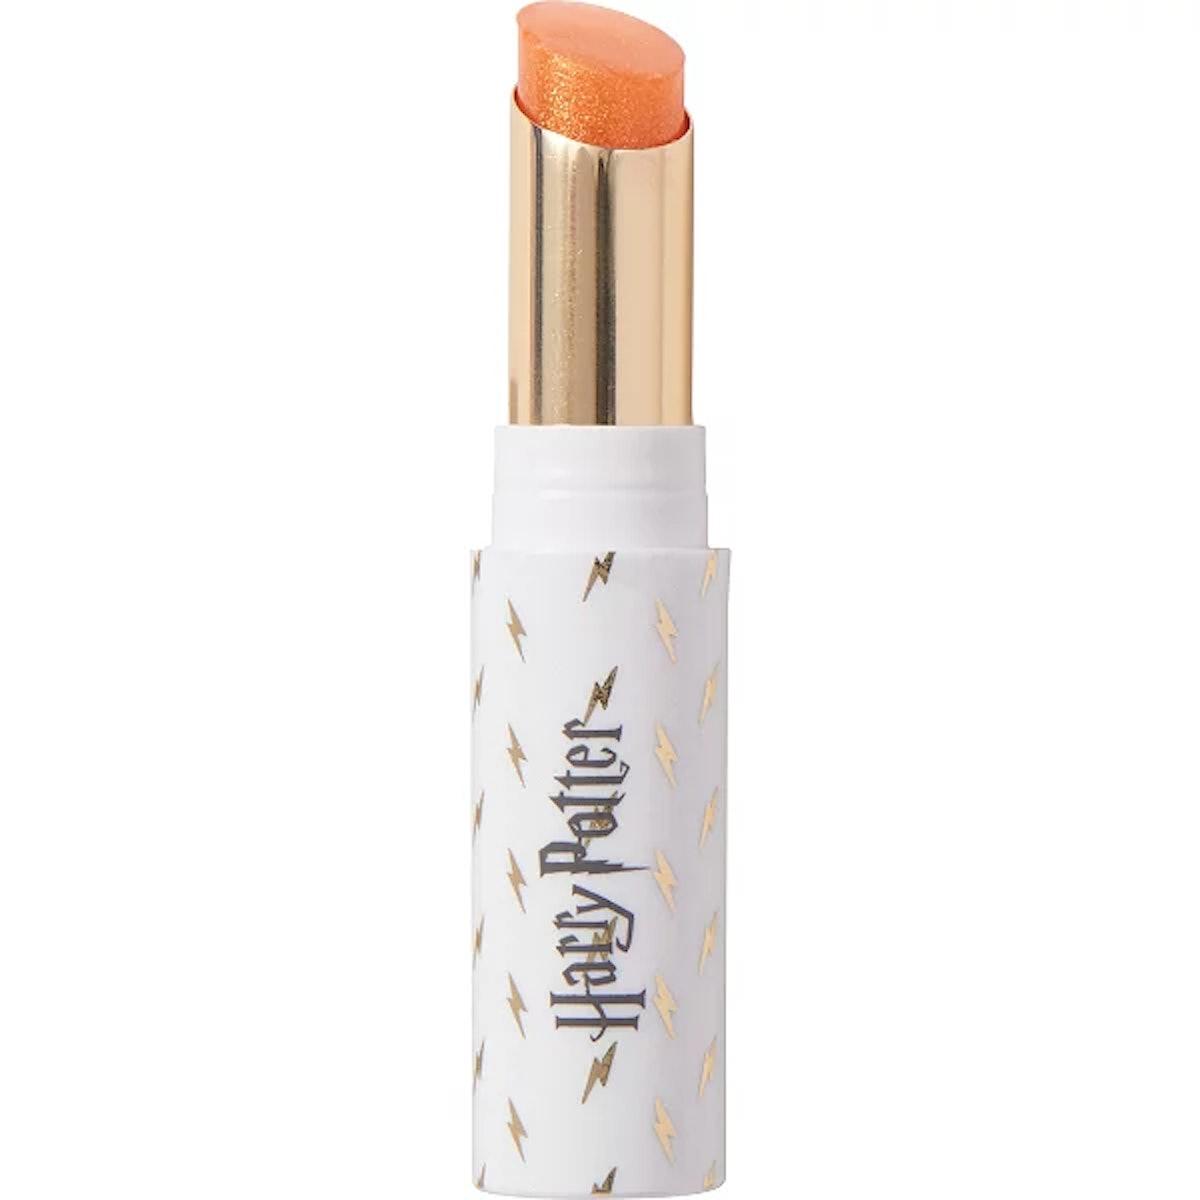 Harry Potter X Ulta Beauty Bewitching pH Lip Balm